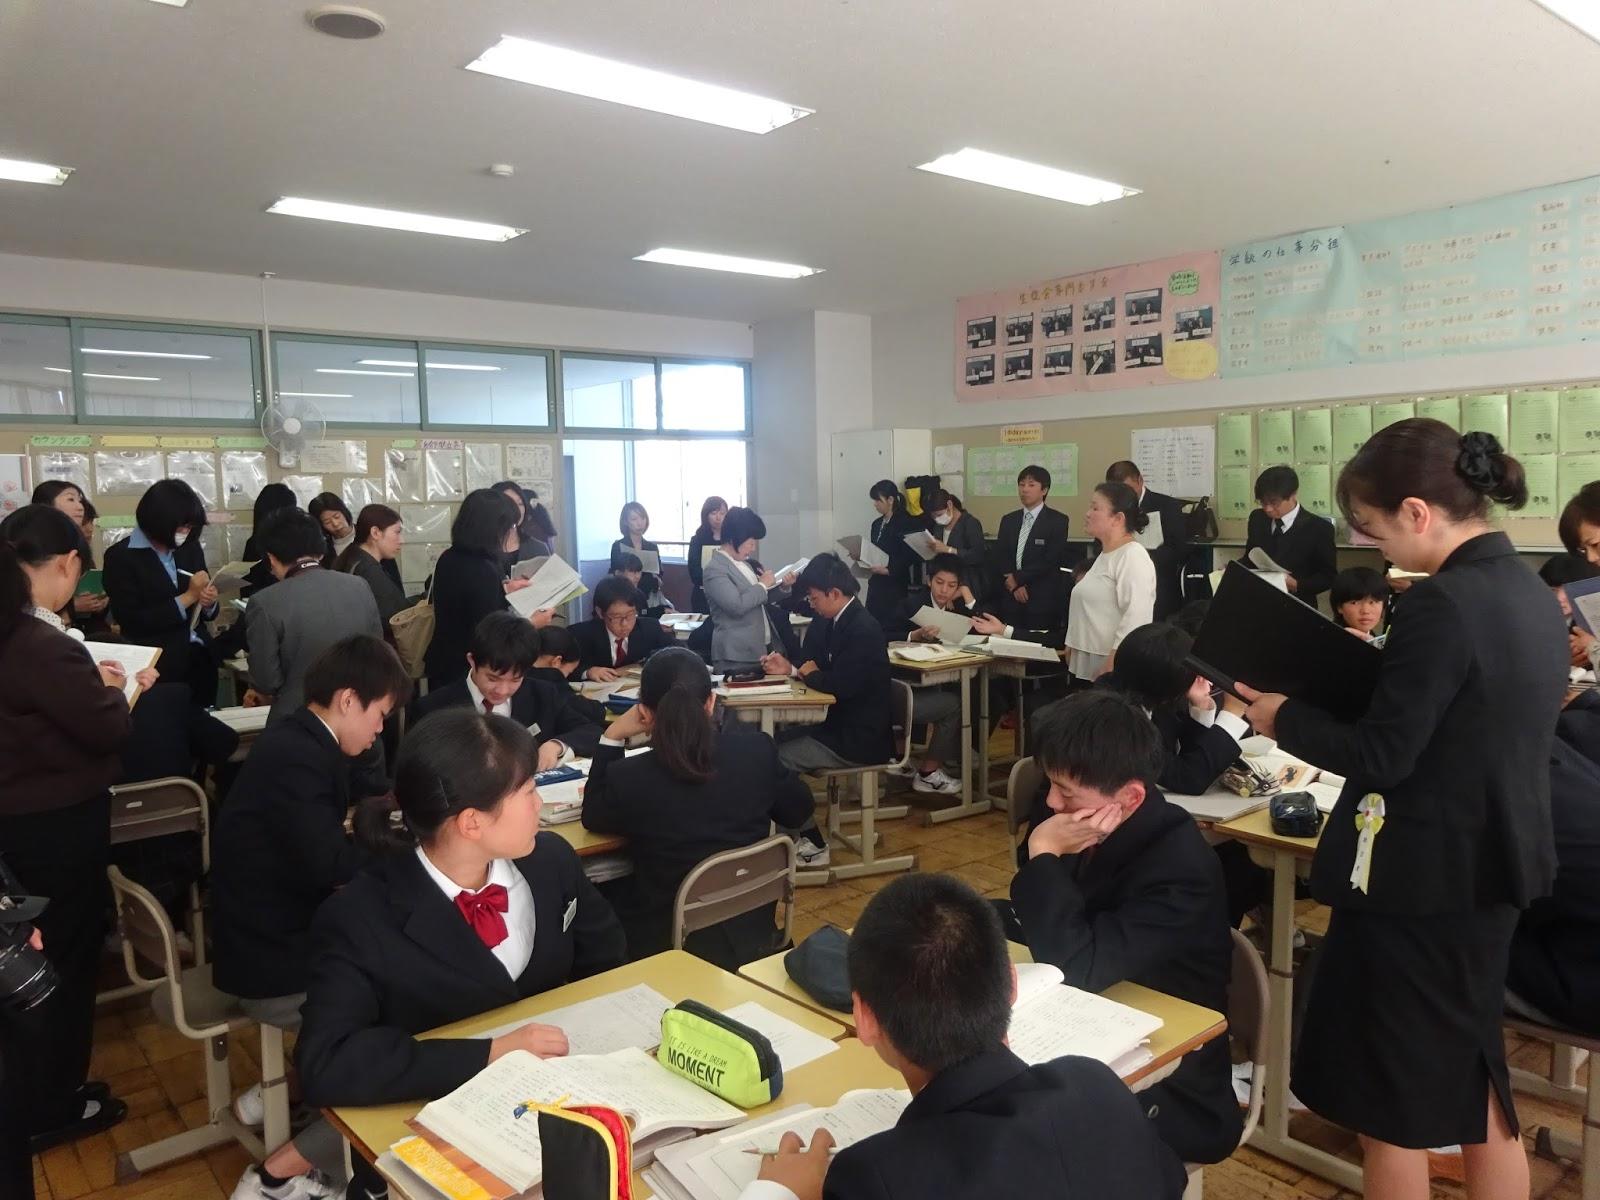 米沢六中 学校日誌: 米沢市立第一中学校公開研究発表会